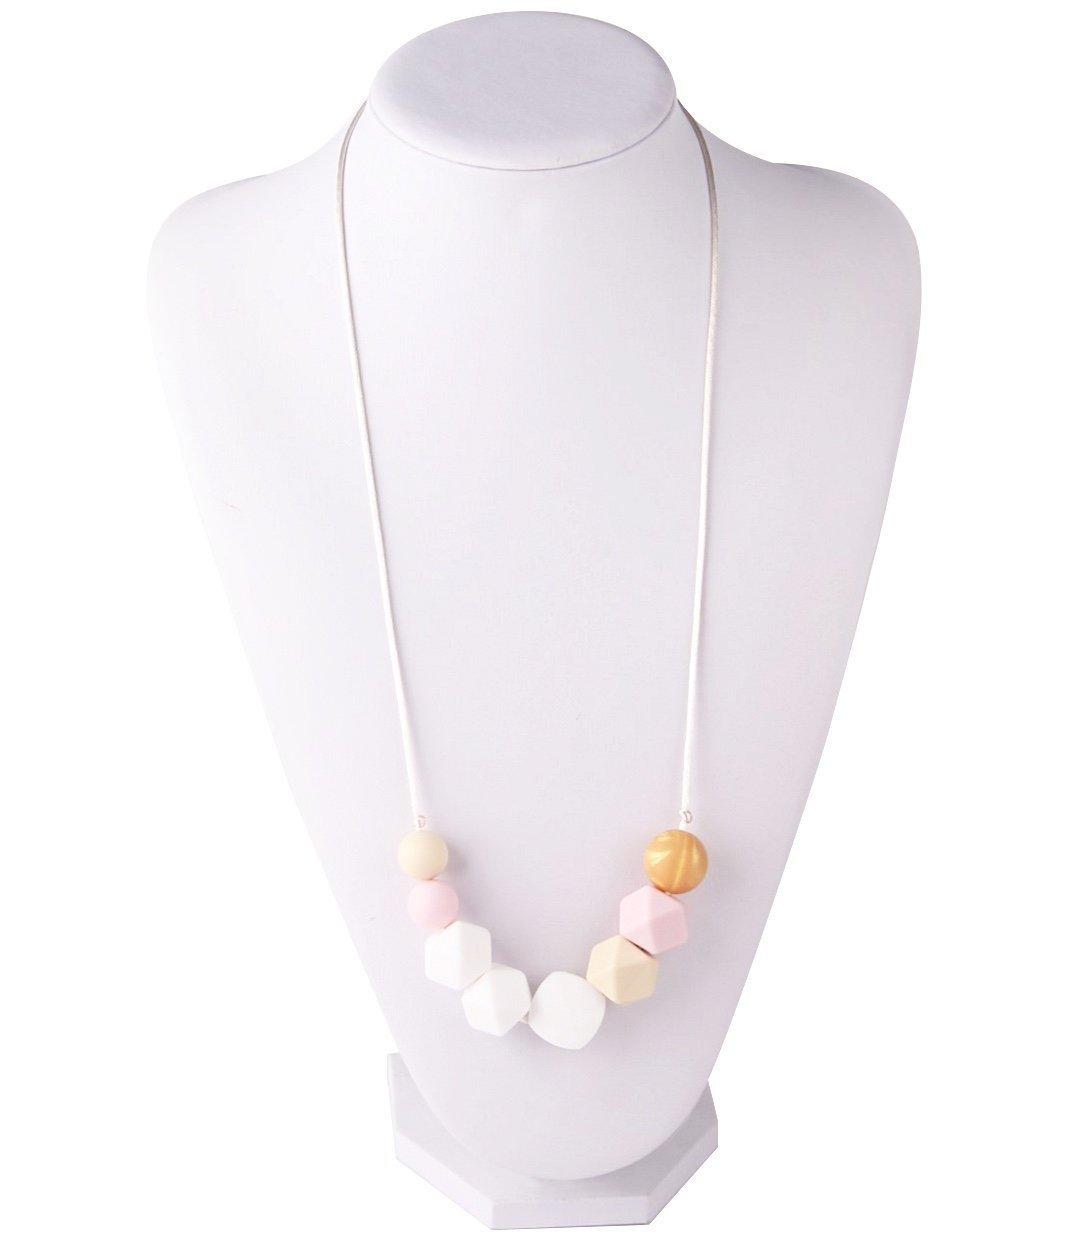 Collar De Dentición y Clip de Chupete, Juego de 2 Diseños de Rosa / Oro Para Mamás y Niñas, Chupete De Silicona, Juguete Para Dientes y Chupete ...